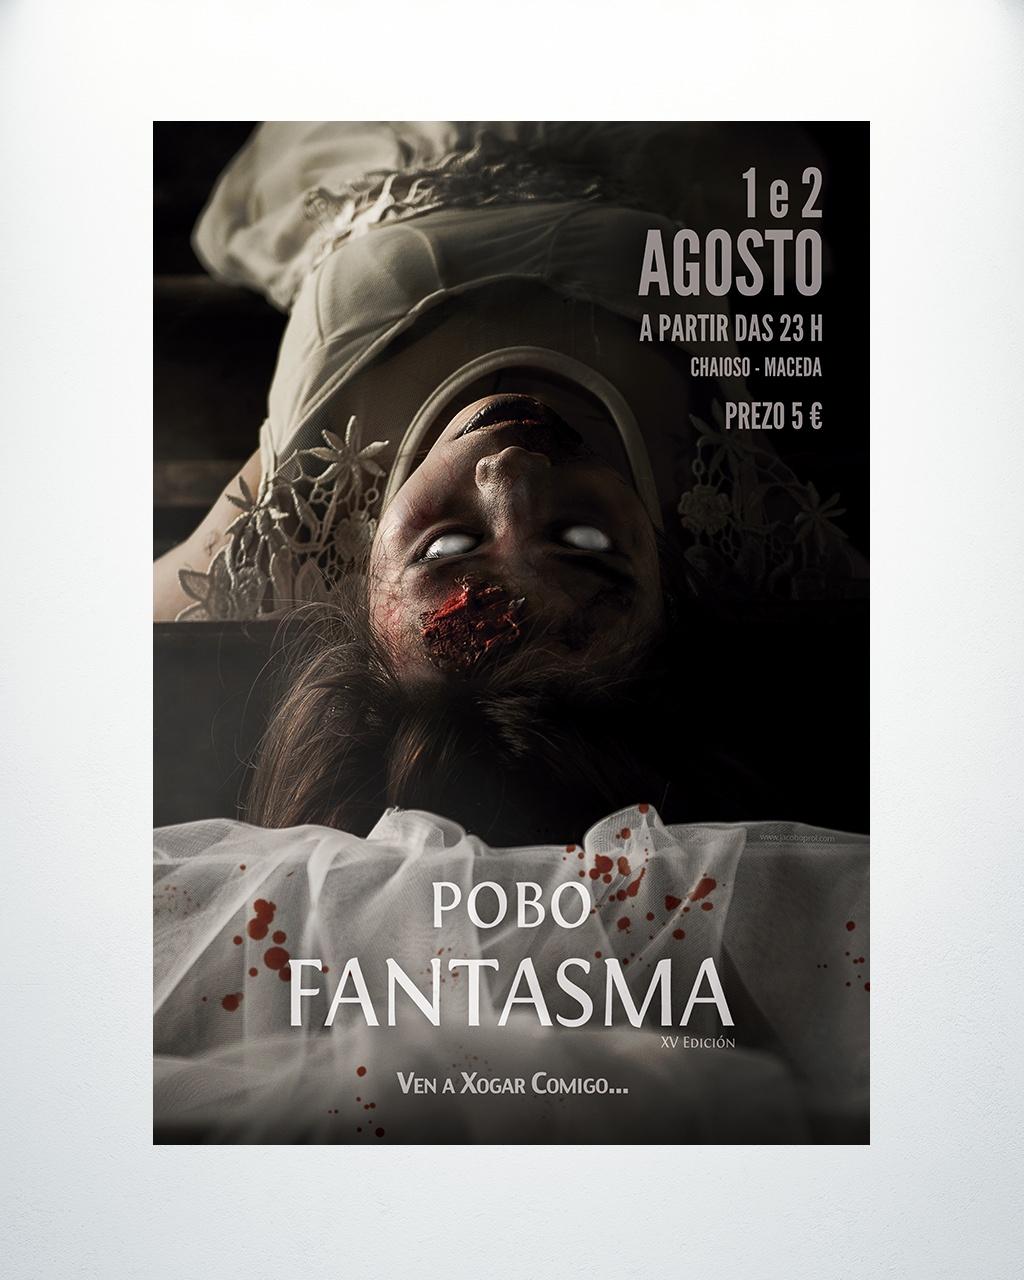 Pobo Fantasma 2014